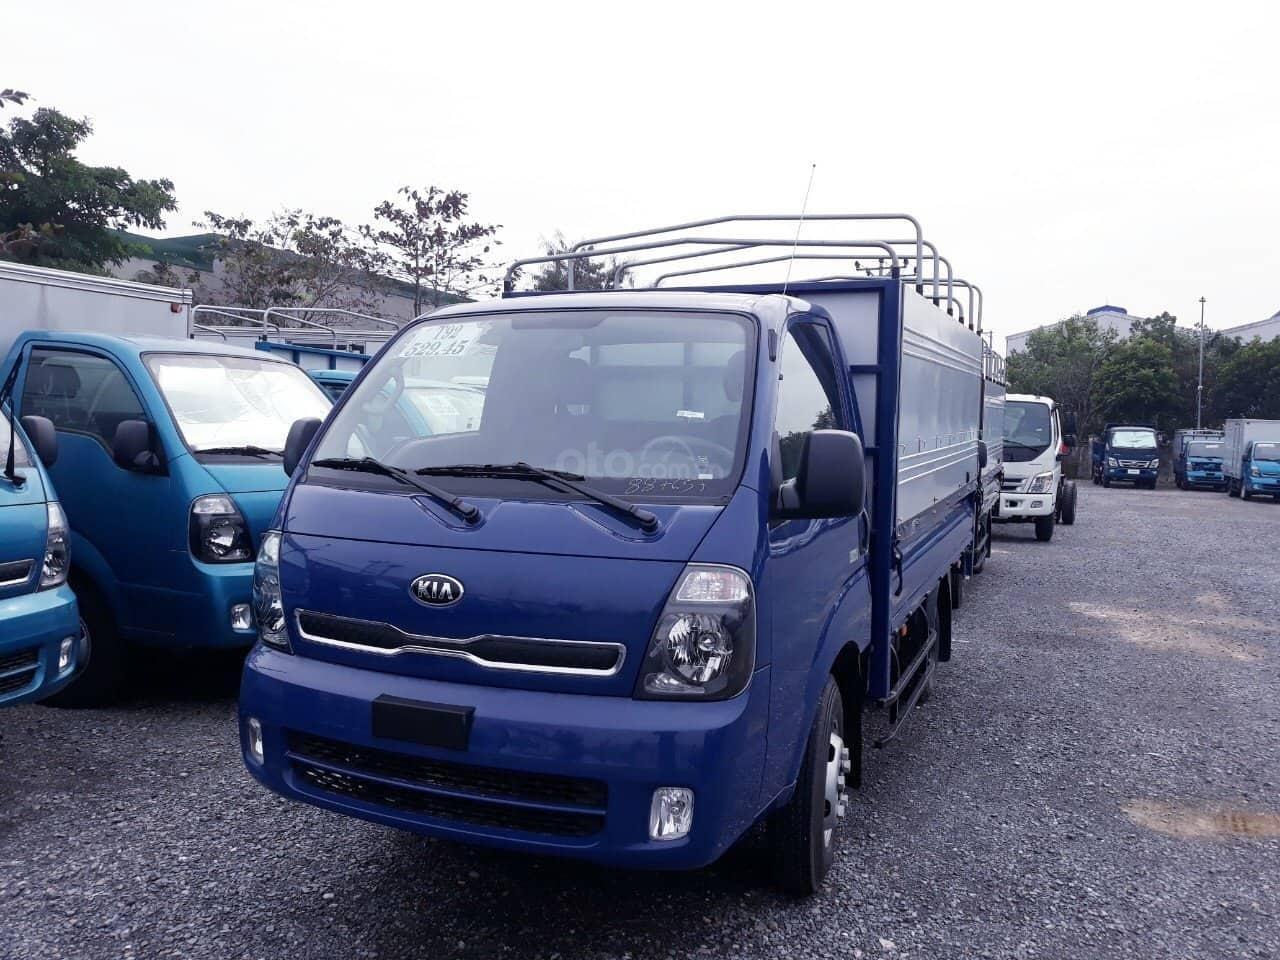 Báo giá xe tải 1 tấn 2 tấn 1 tấn rưỡi Kia K200 giá siêu tốt trả góp tối 120tr lấy xe, tải trọng đa dạng đời 2020 (2)